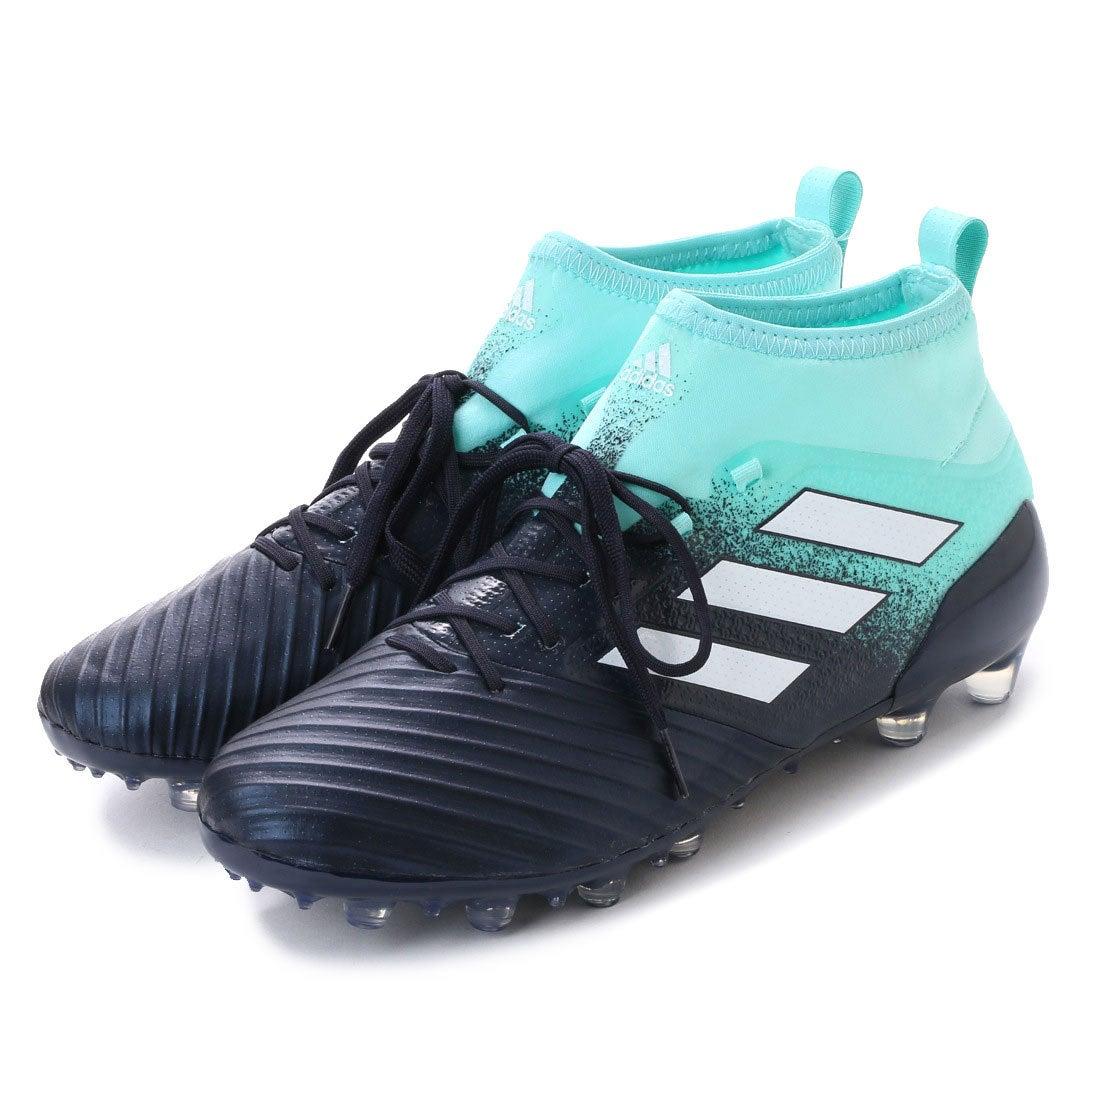 【SALE 50%OFF】アディダス adidas ユニセックス サッカー スパイクシューズ エース 17.2-ジャパン プライムメッシュ HG S77060 3494